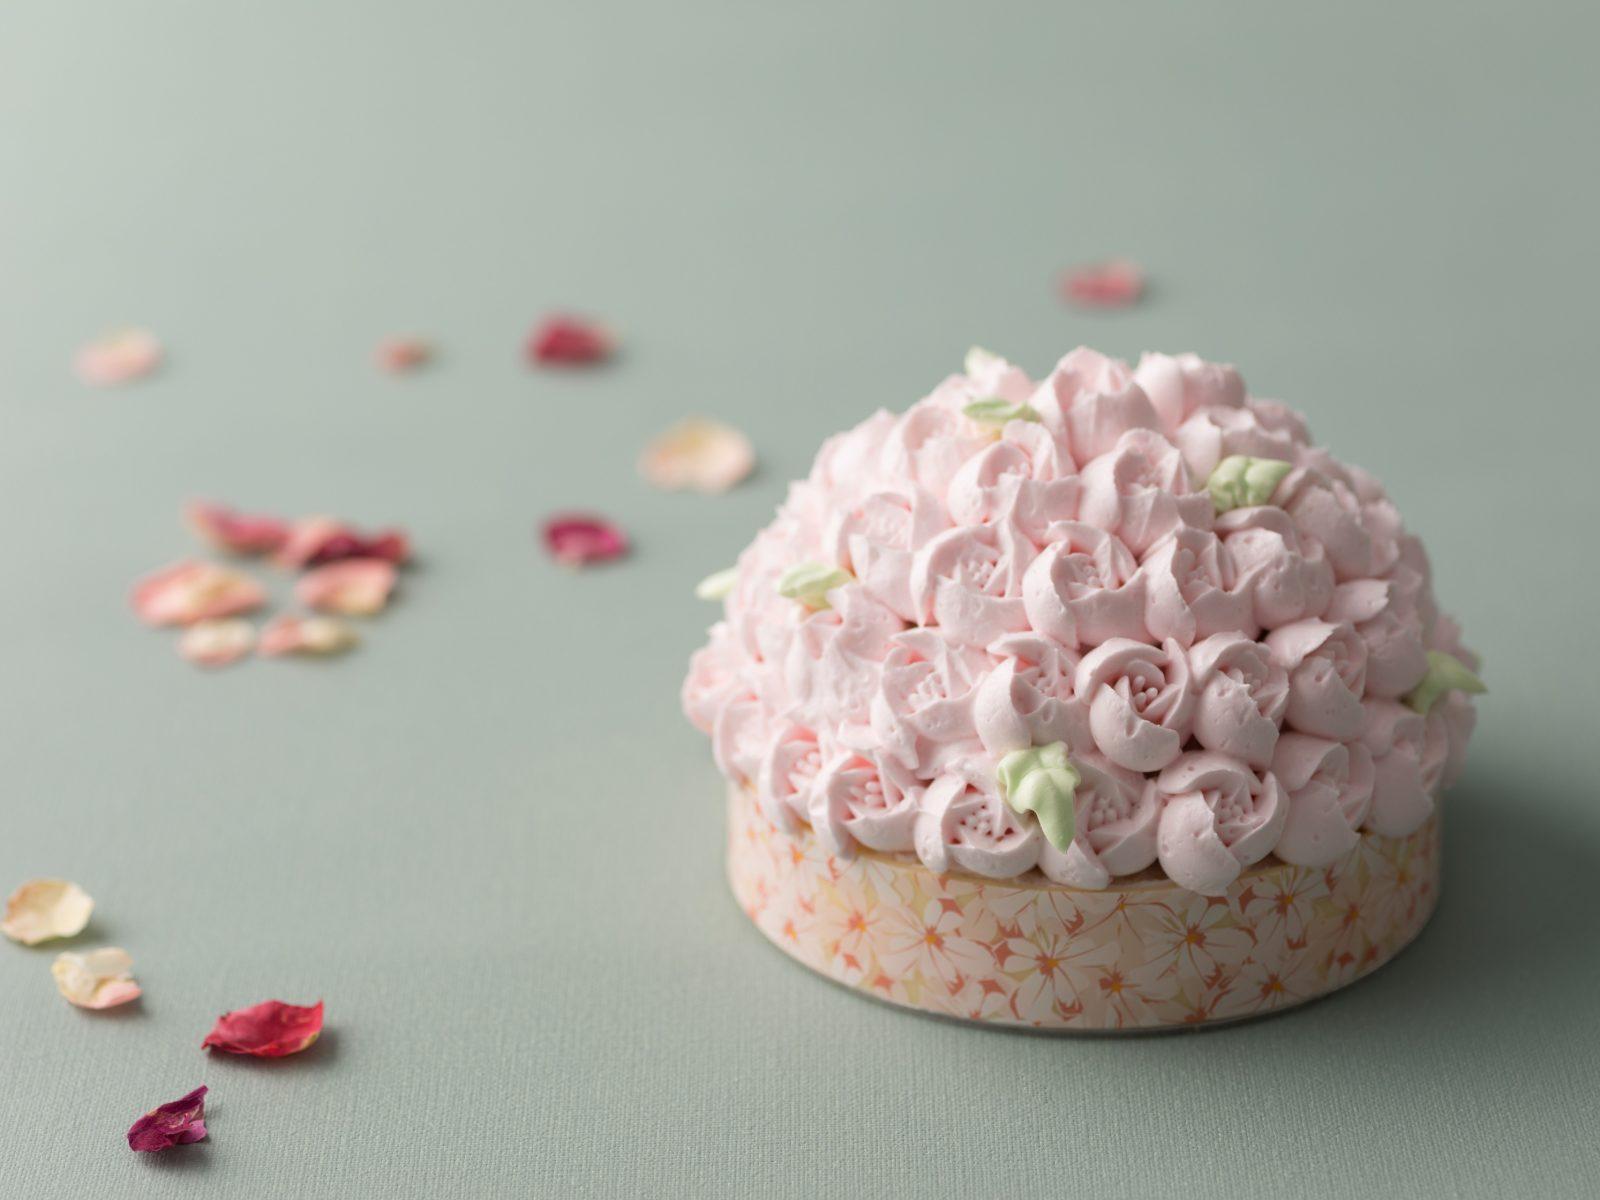 まだ間に合う!母の日に贈りたい、フォトジェニックなケーキたち。